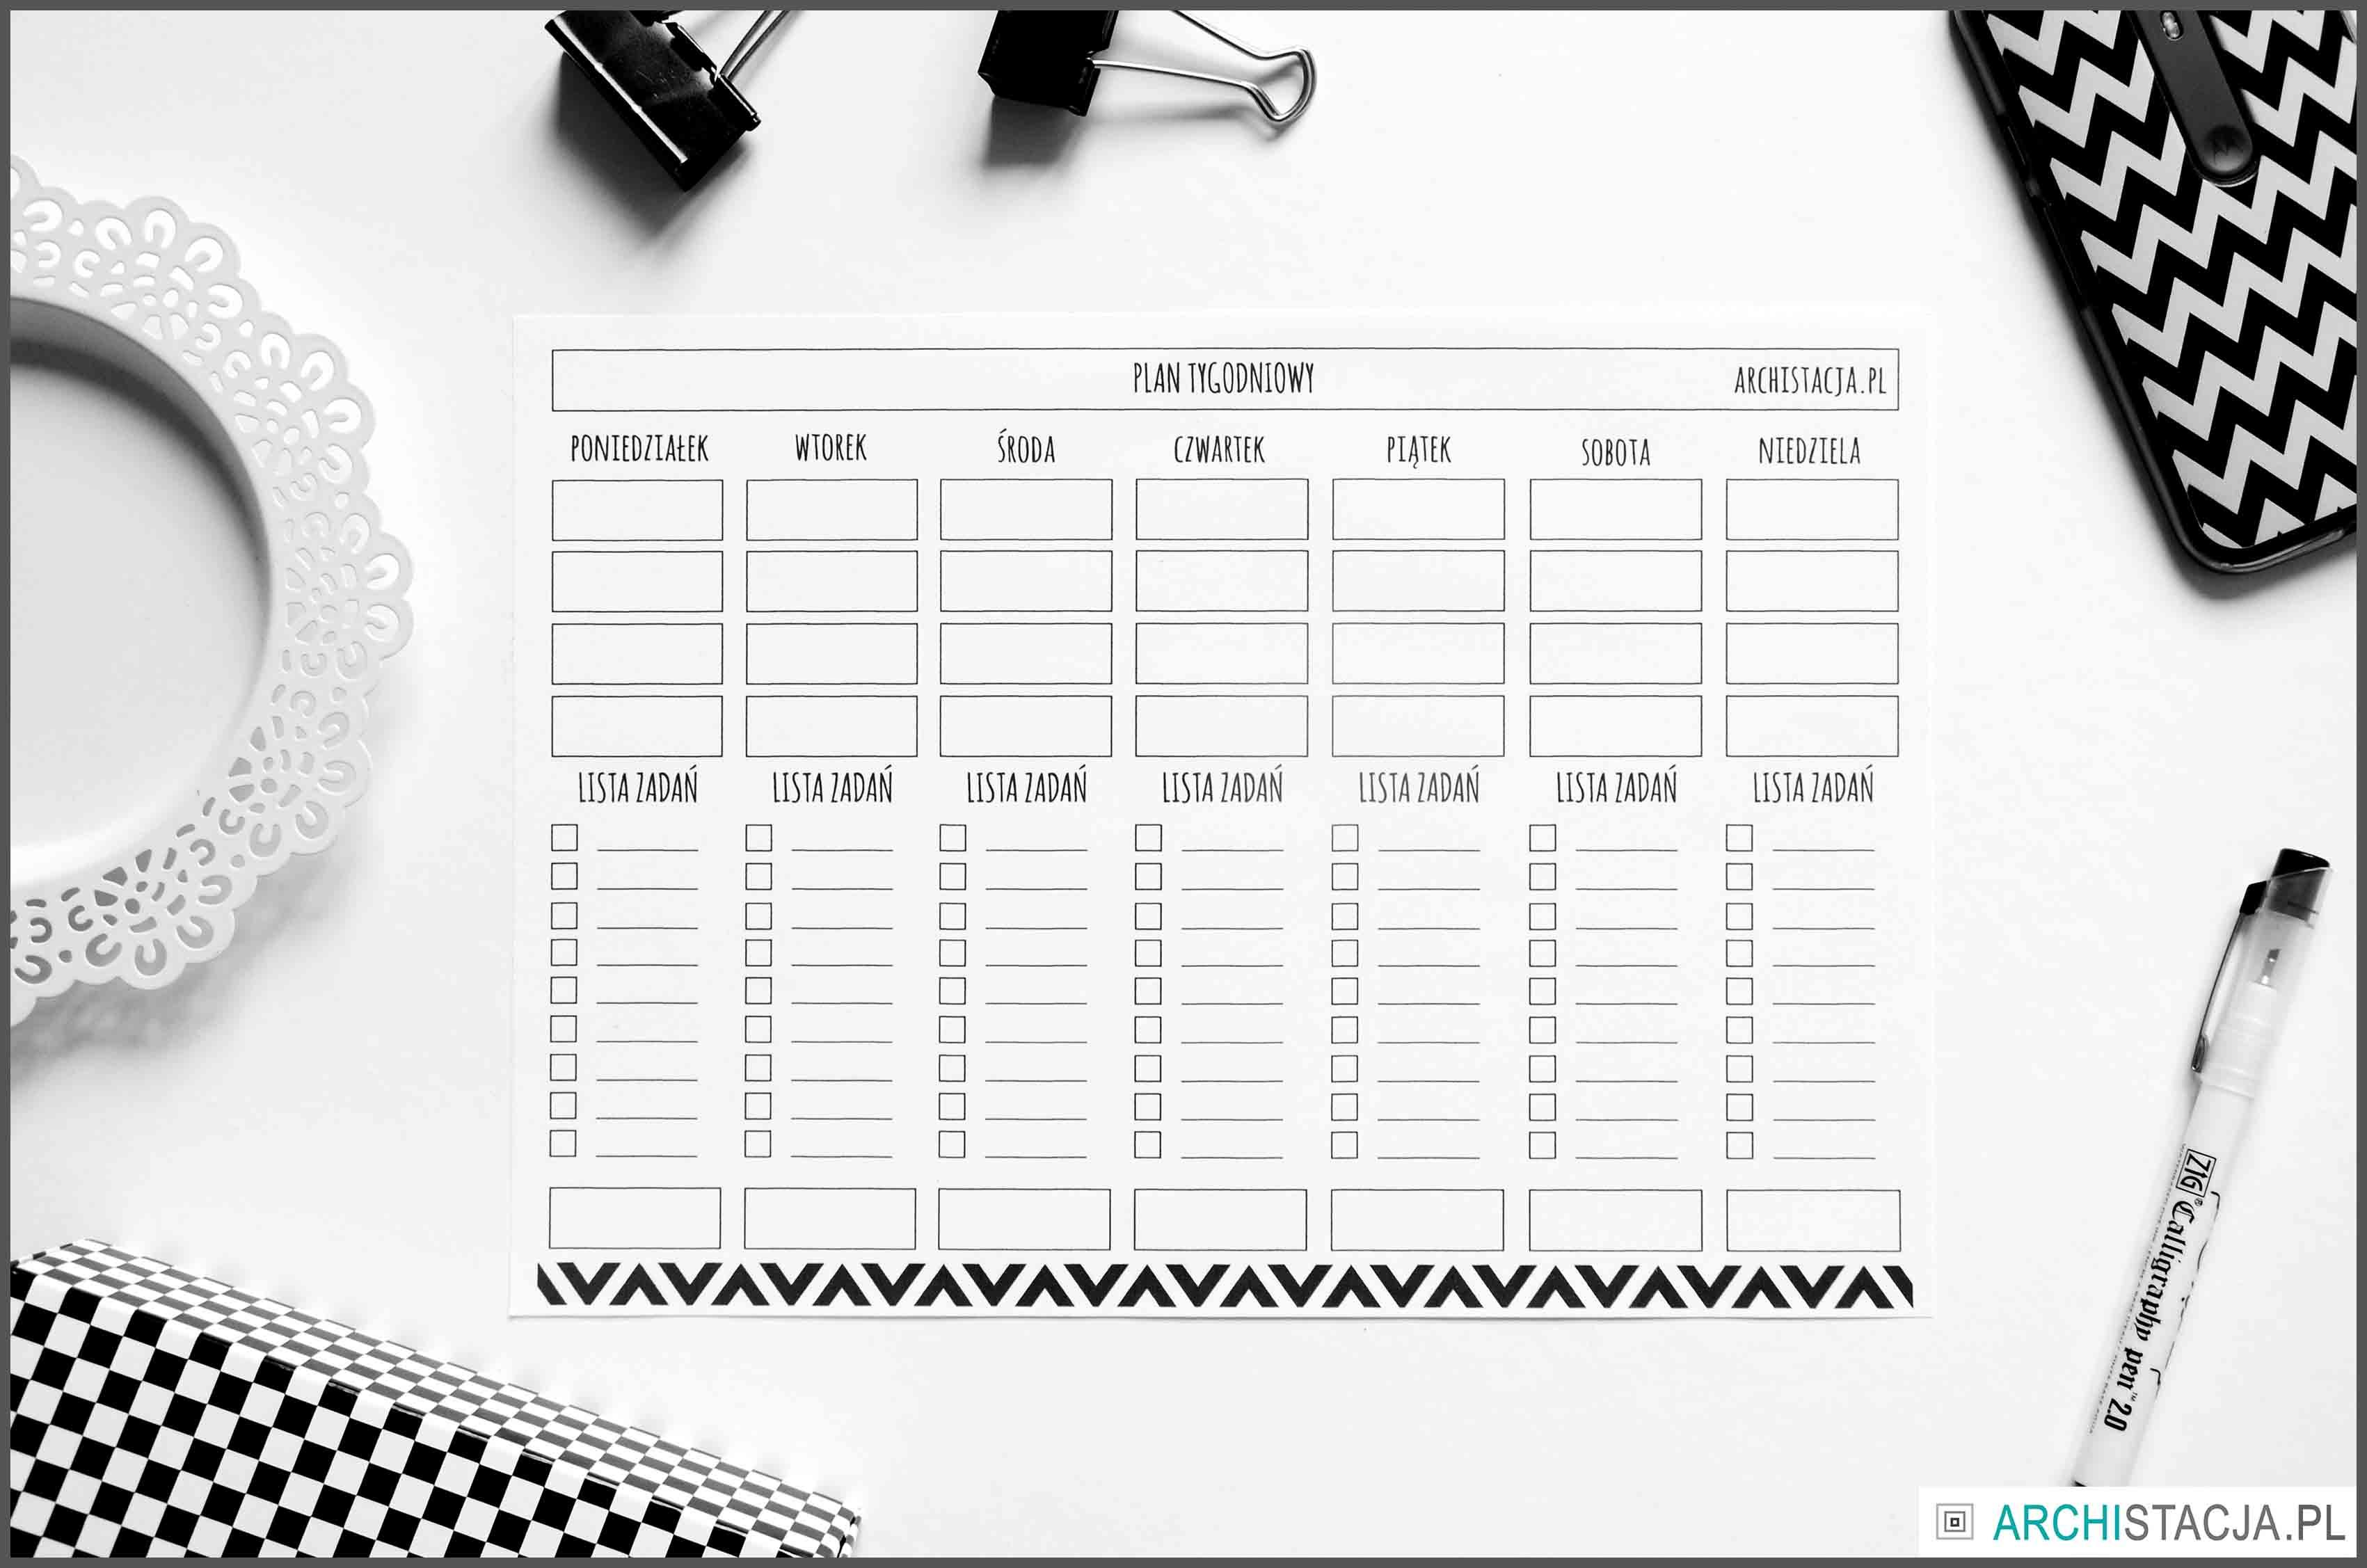 ZORGANIZUJ SIĘ - planer tygodniowy do druku